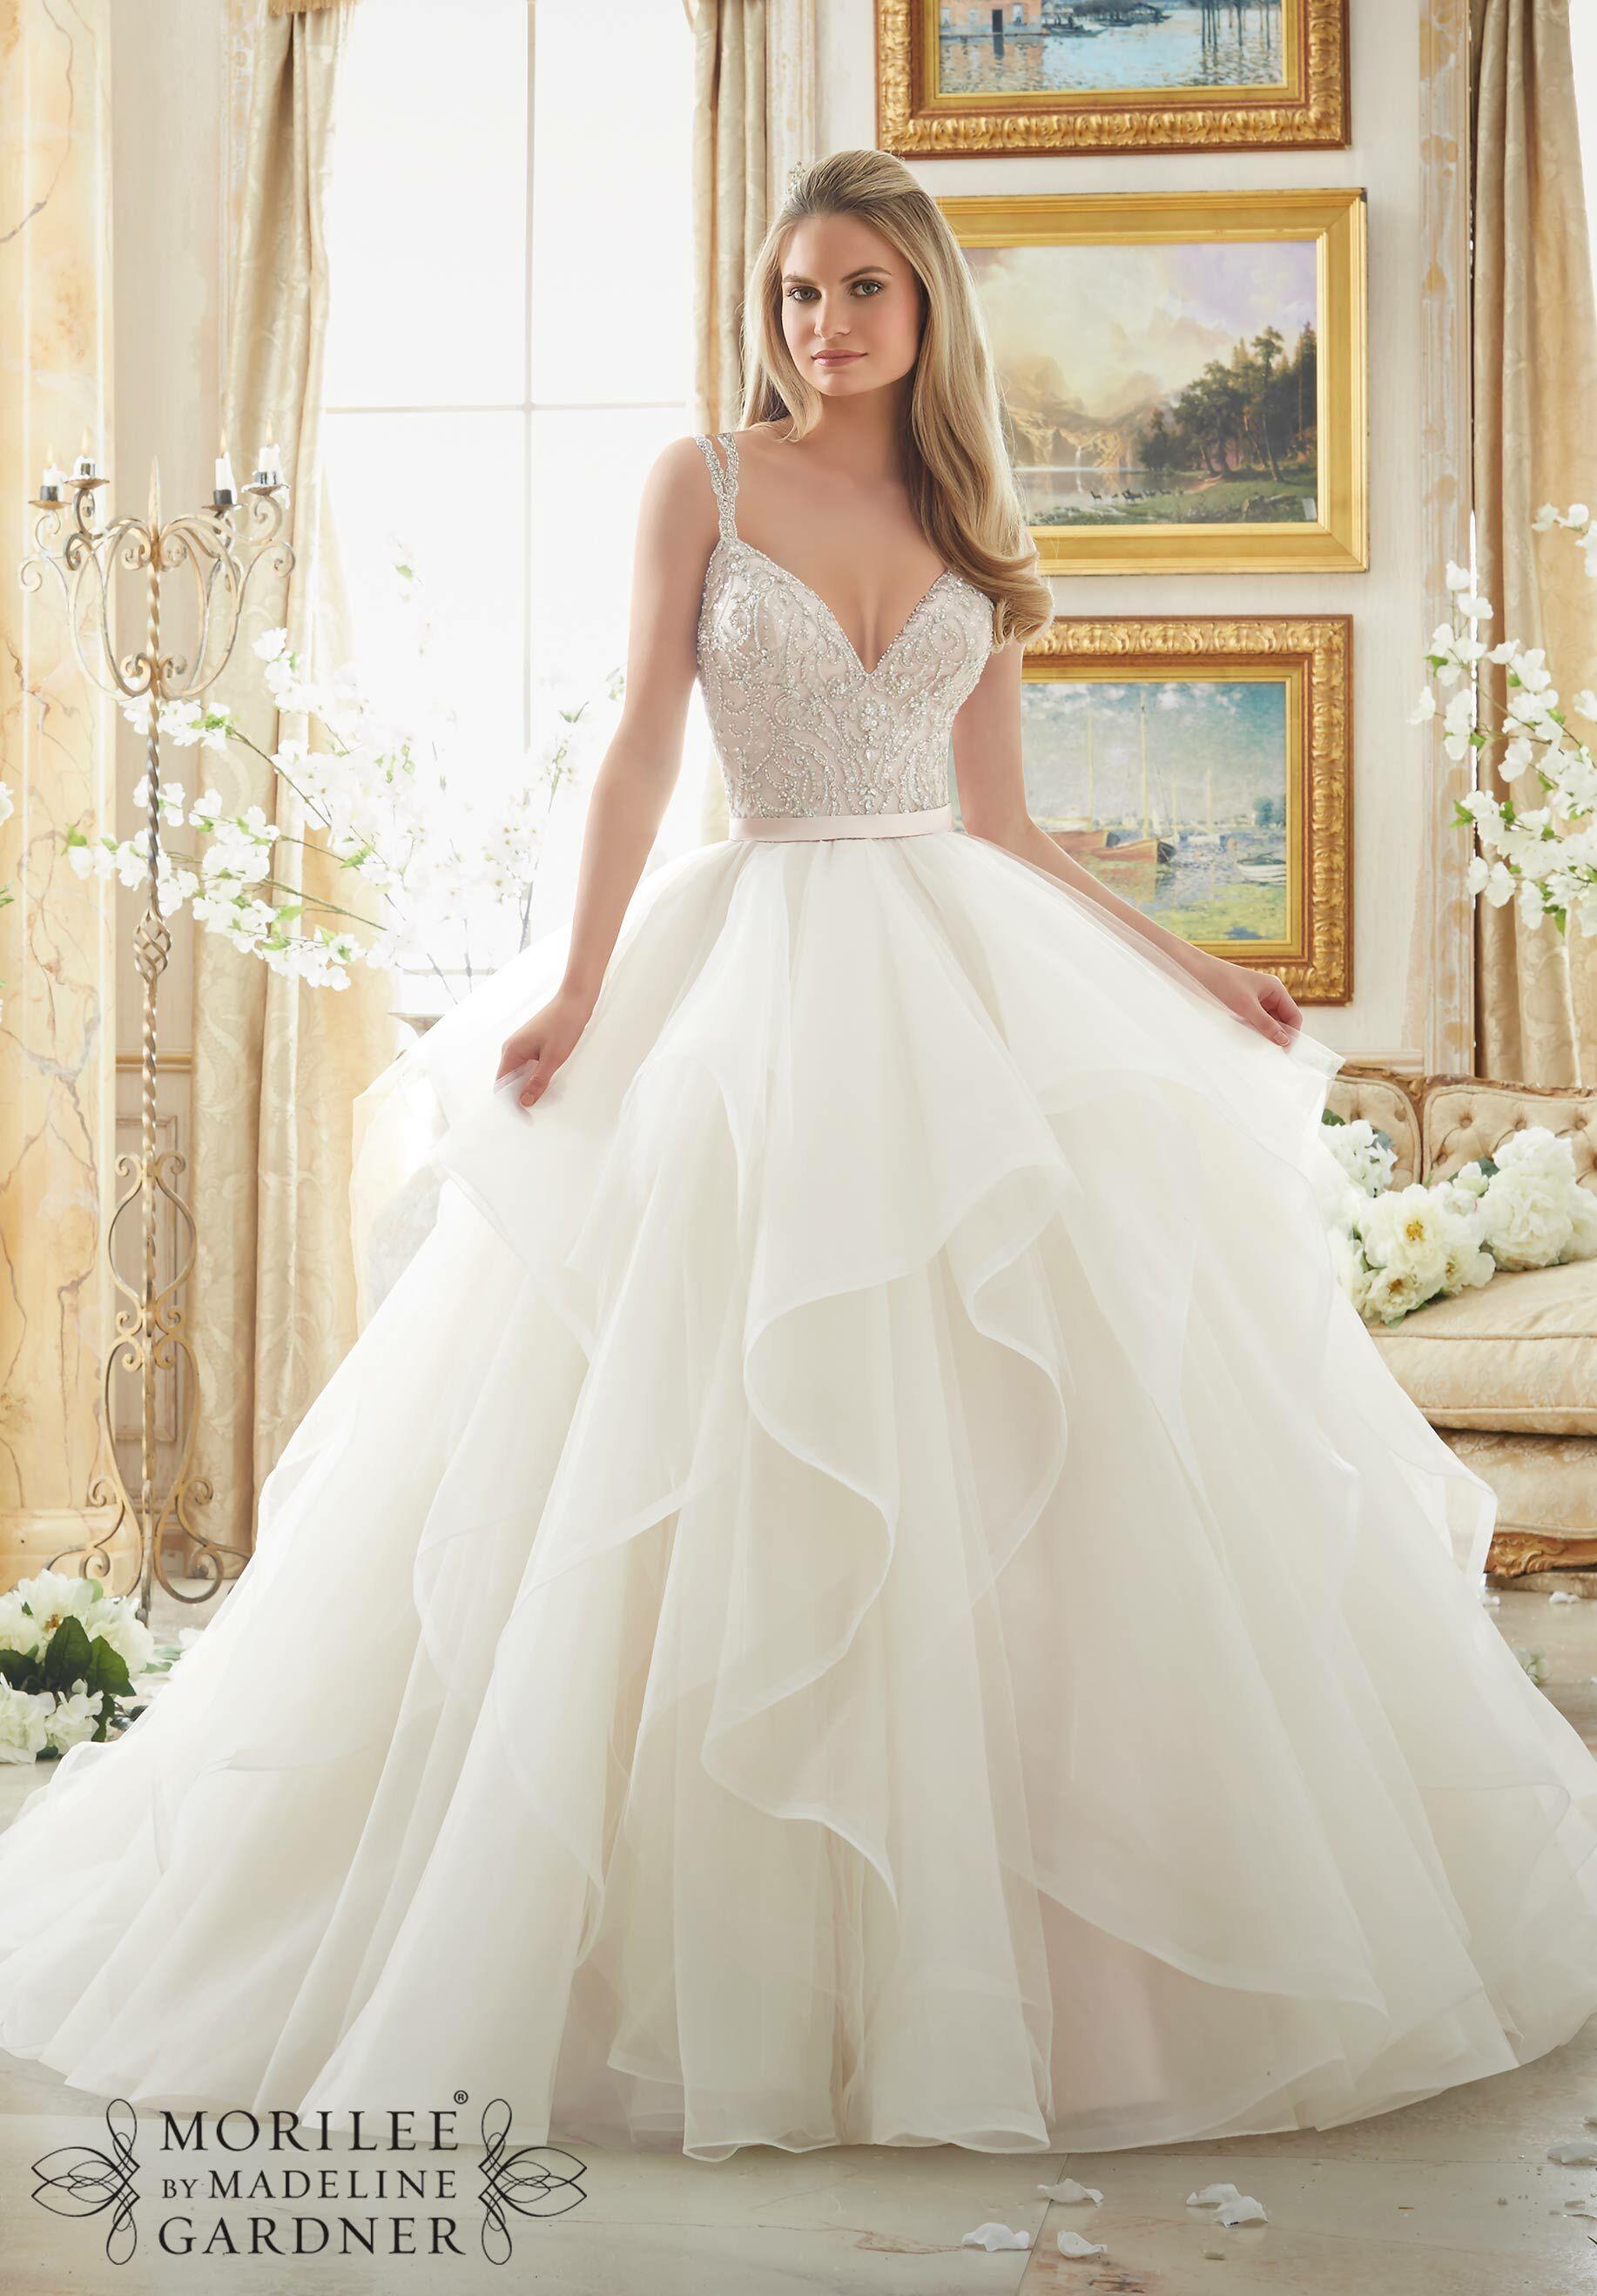 Erfreut Prom Kleider Gastonia Nc Ideen - Hochzeit Kleid Stile Ideen ...